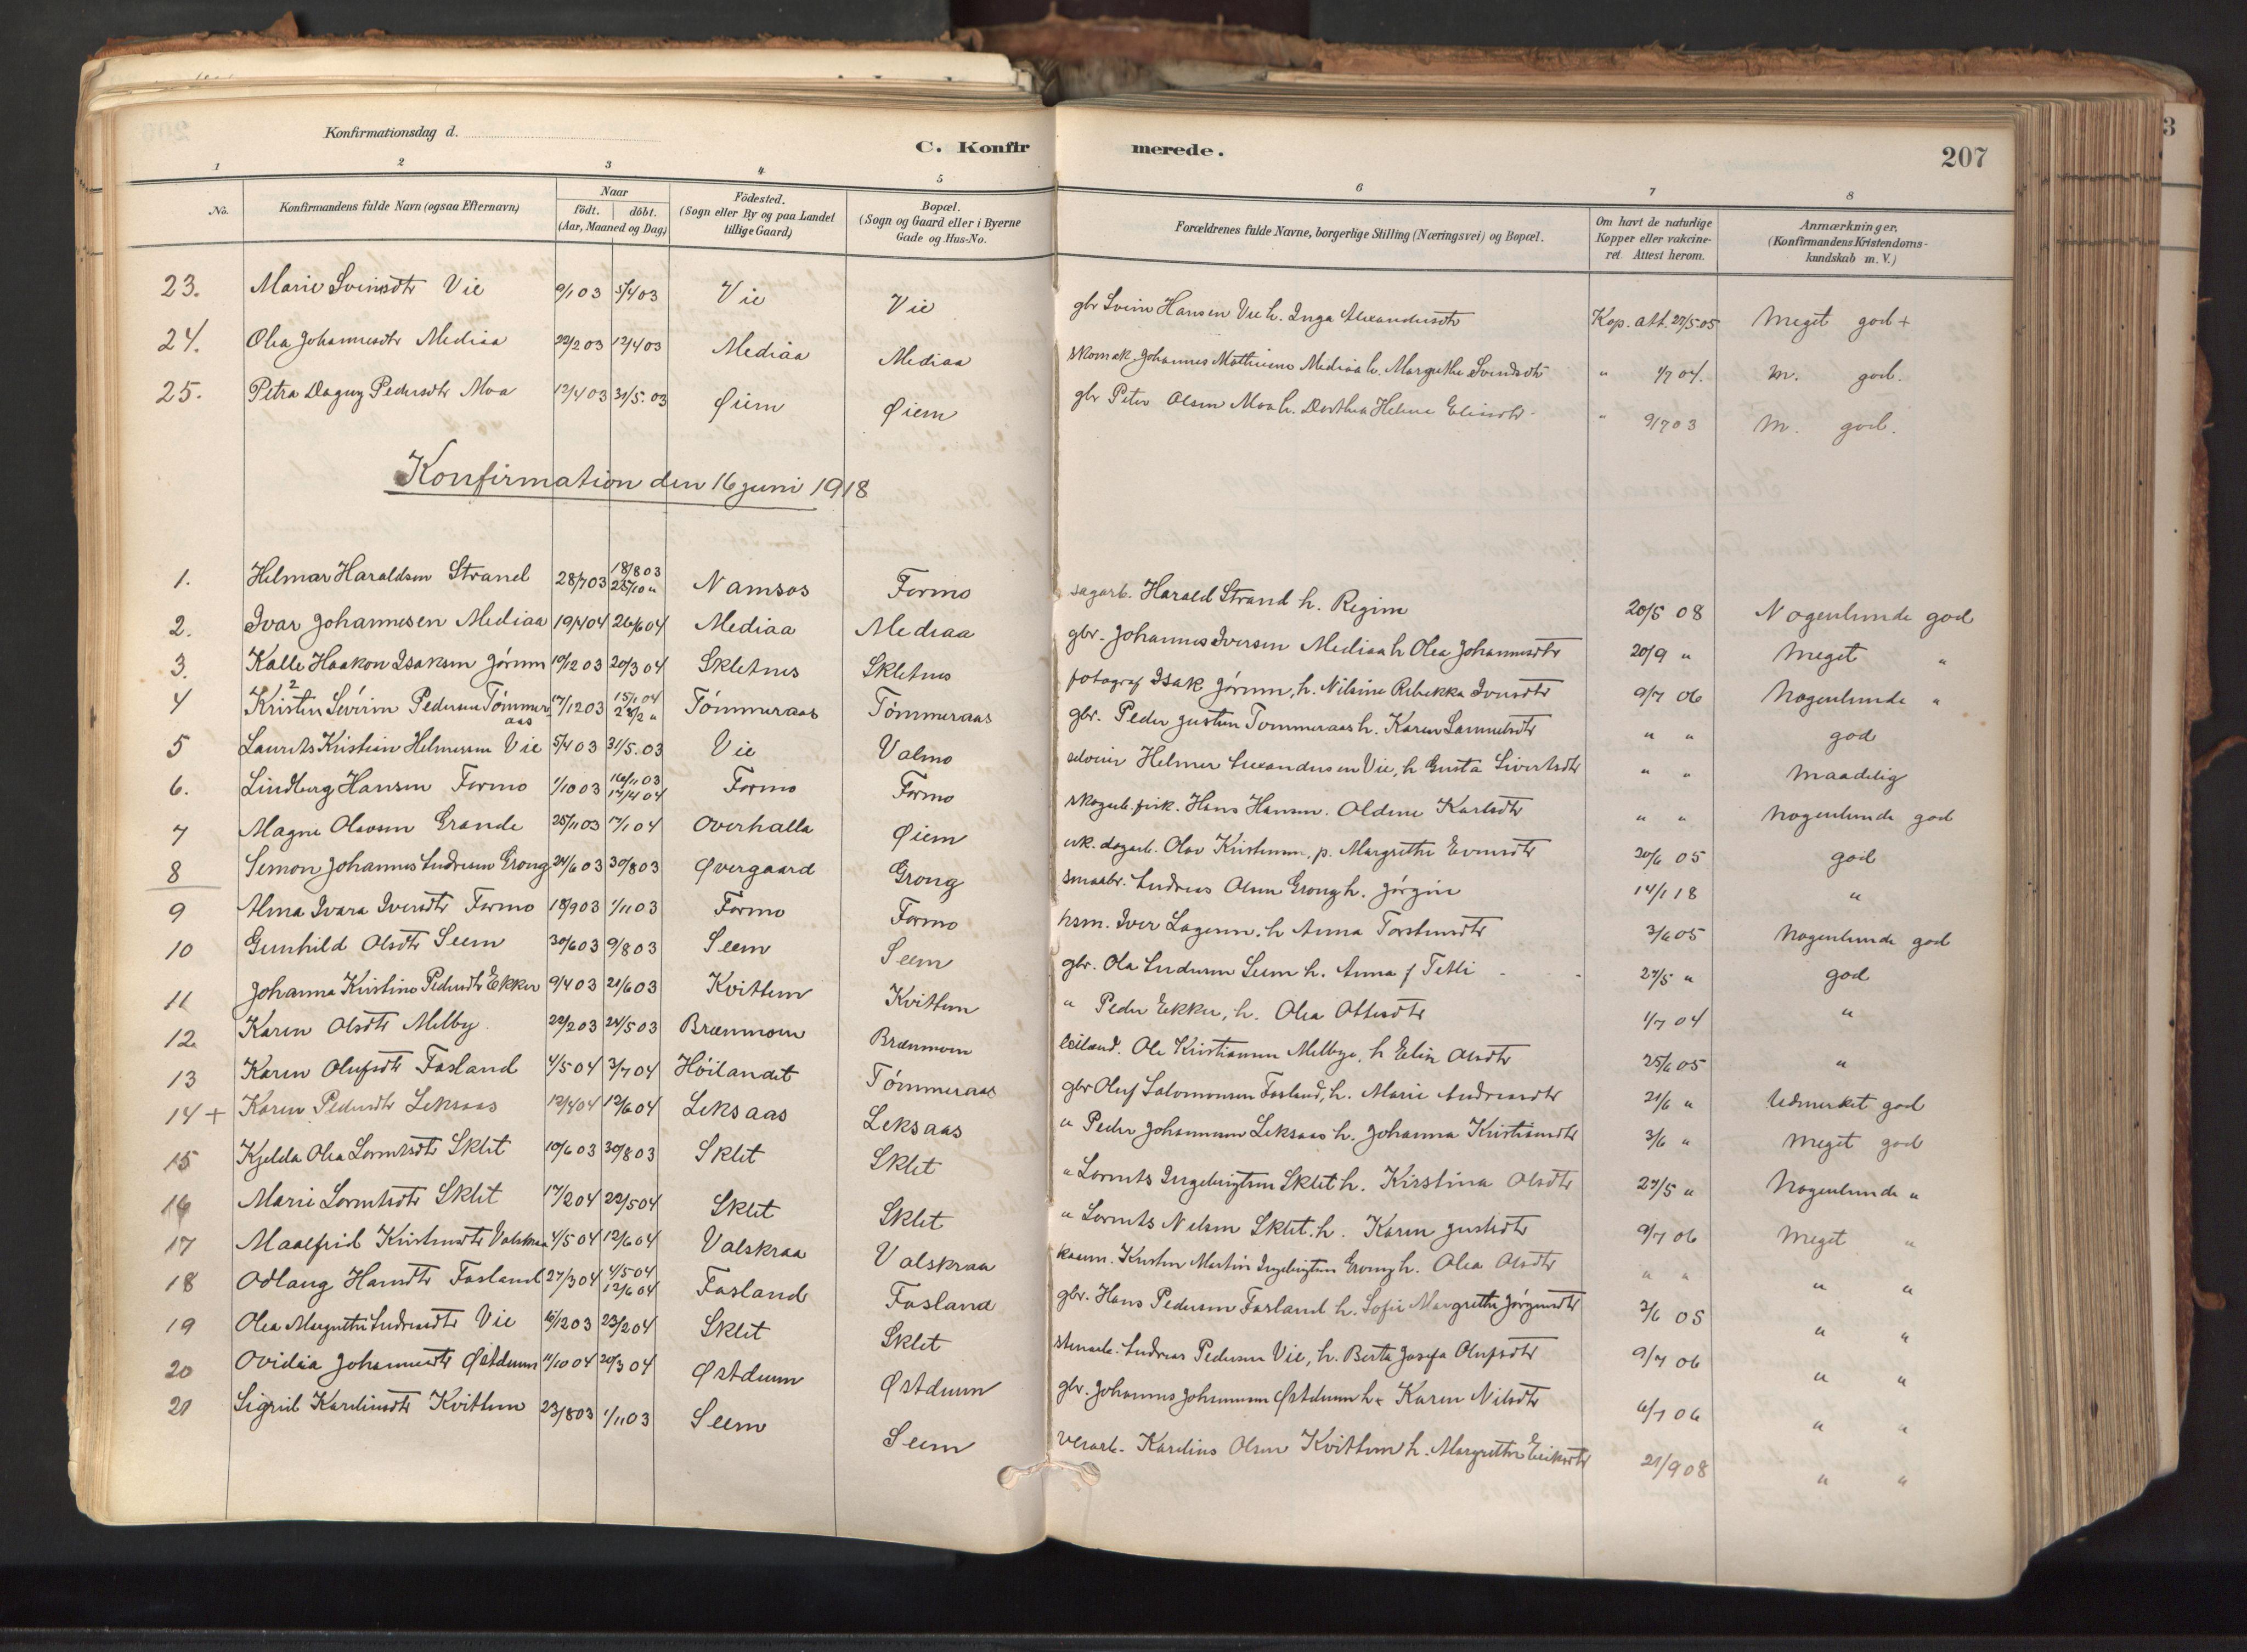 SAT, Ministerialprotokoller, klokkerbøker og fødselsregistre - Nord-Trøndelag, 758/L0519: Ministerialbok nr. 758A04, 1880-1926, s. 207